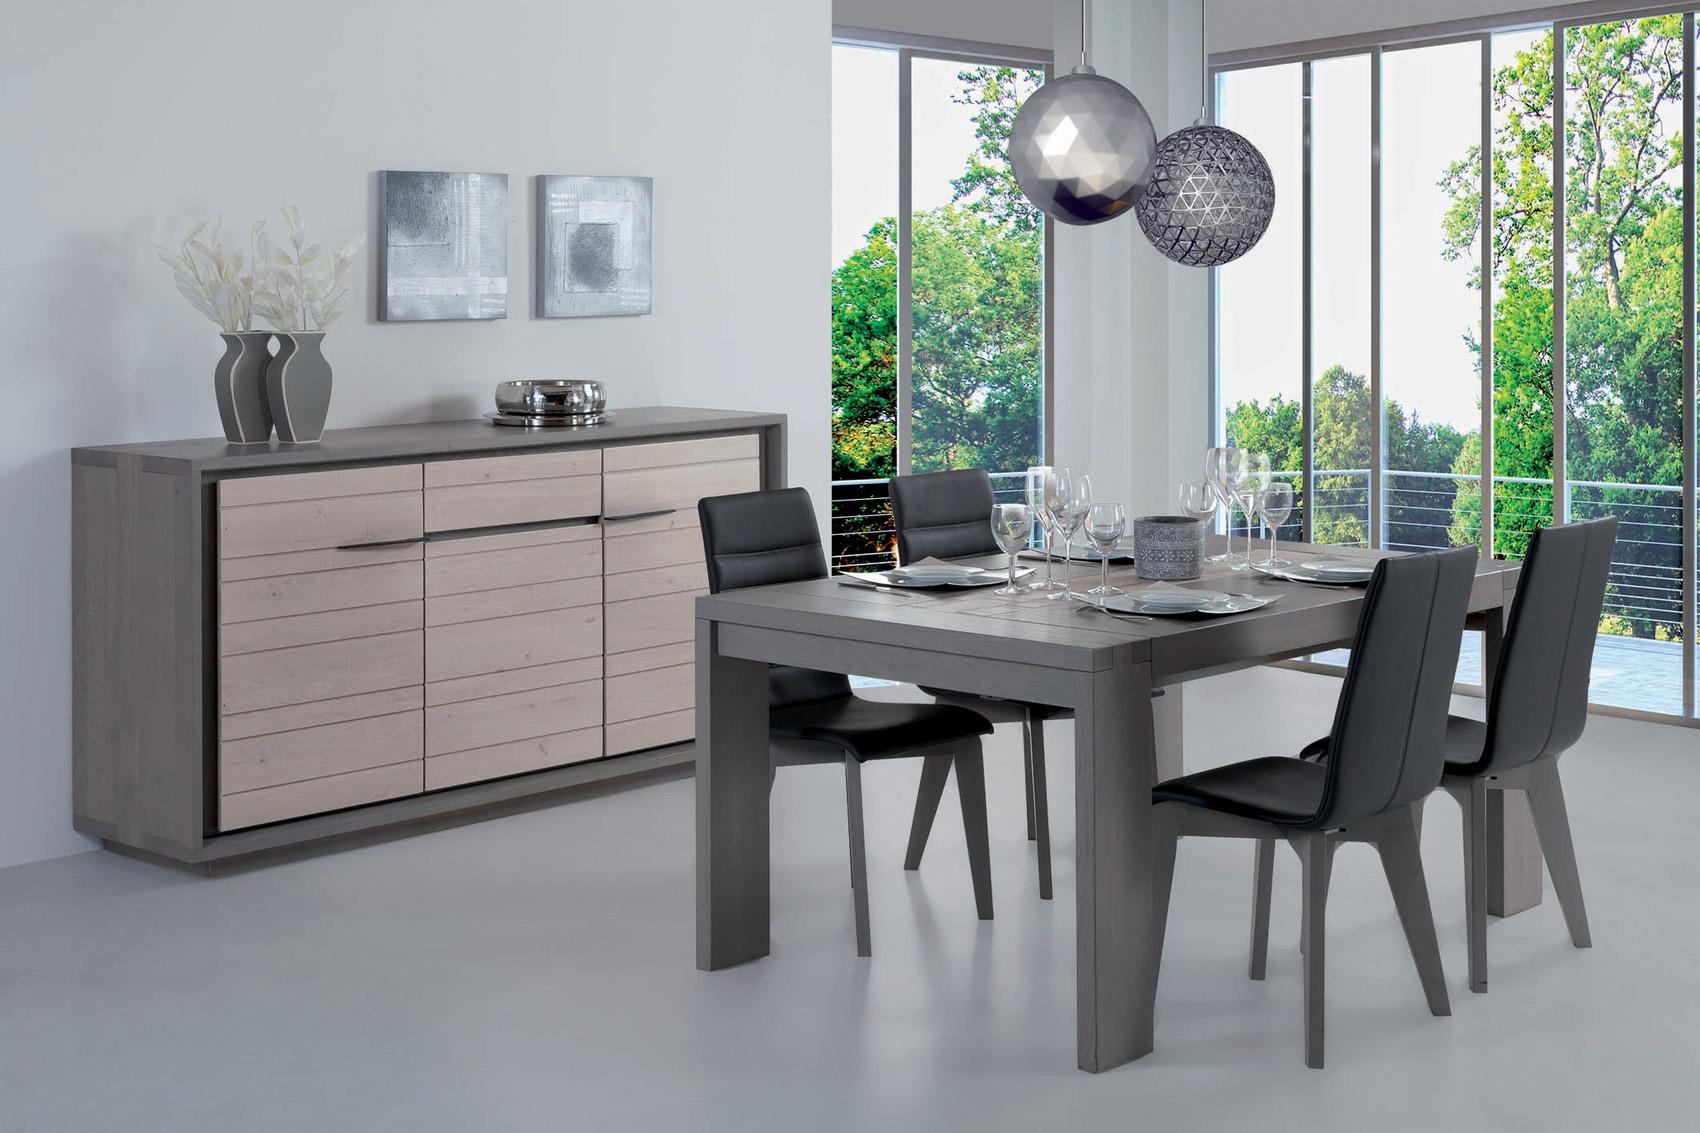 Salle-a-manger-table-chaise-buffet-Zen-Atelier-de-Langres-nord